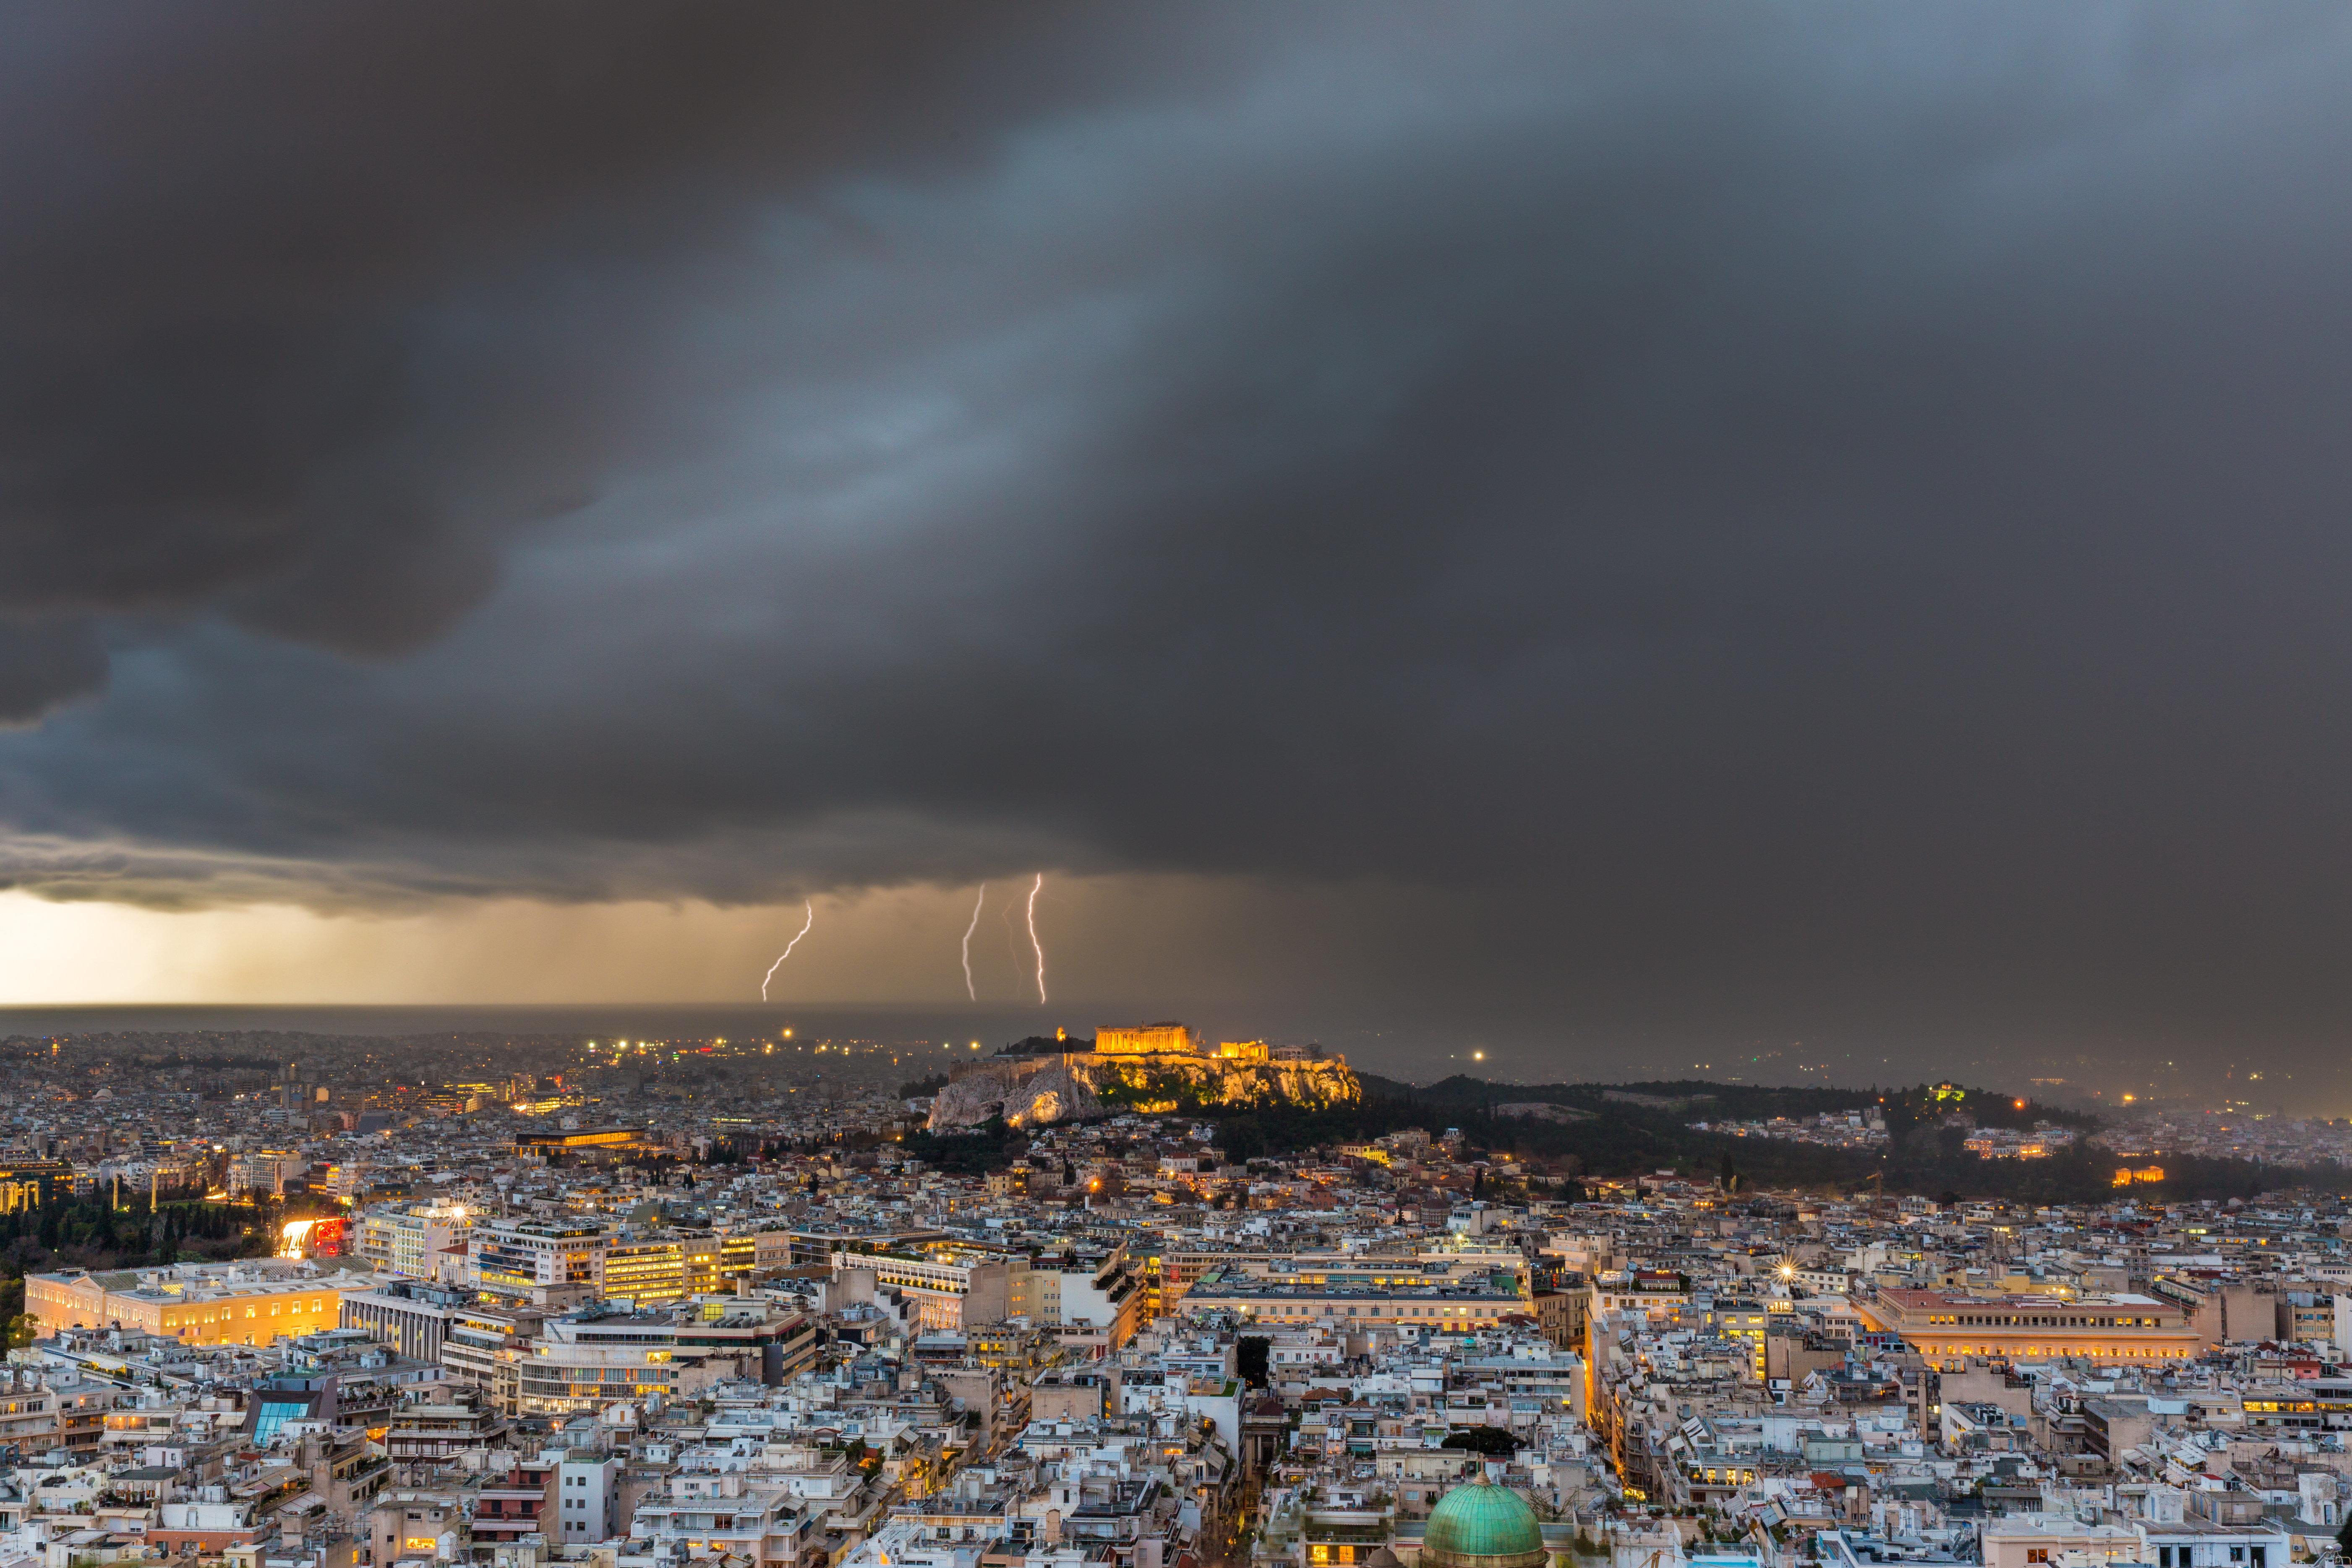 Έκτακτο Δελτίο Επιδείνωσης Καιρού από την ΕΜΥ για ισχυρές καταιγίδες, χαλάζι και ισχυρούς